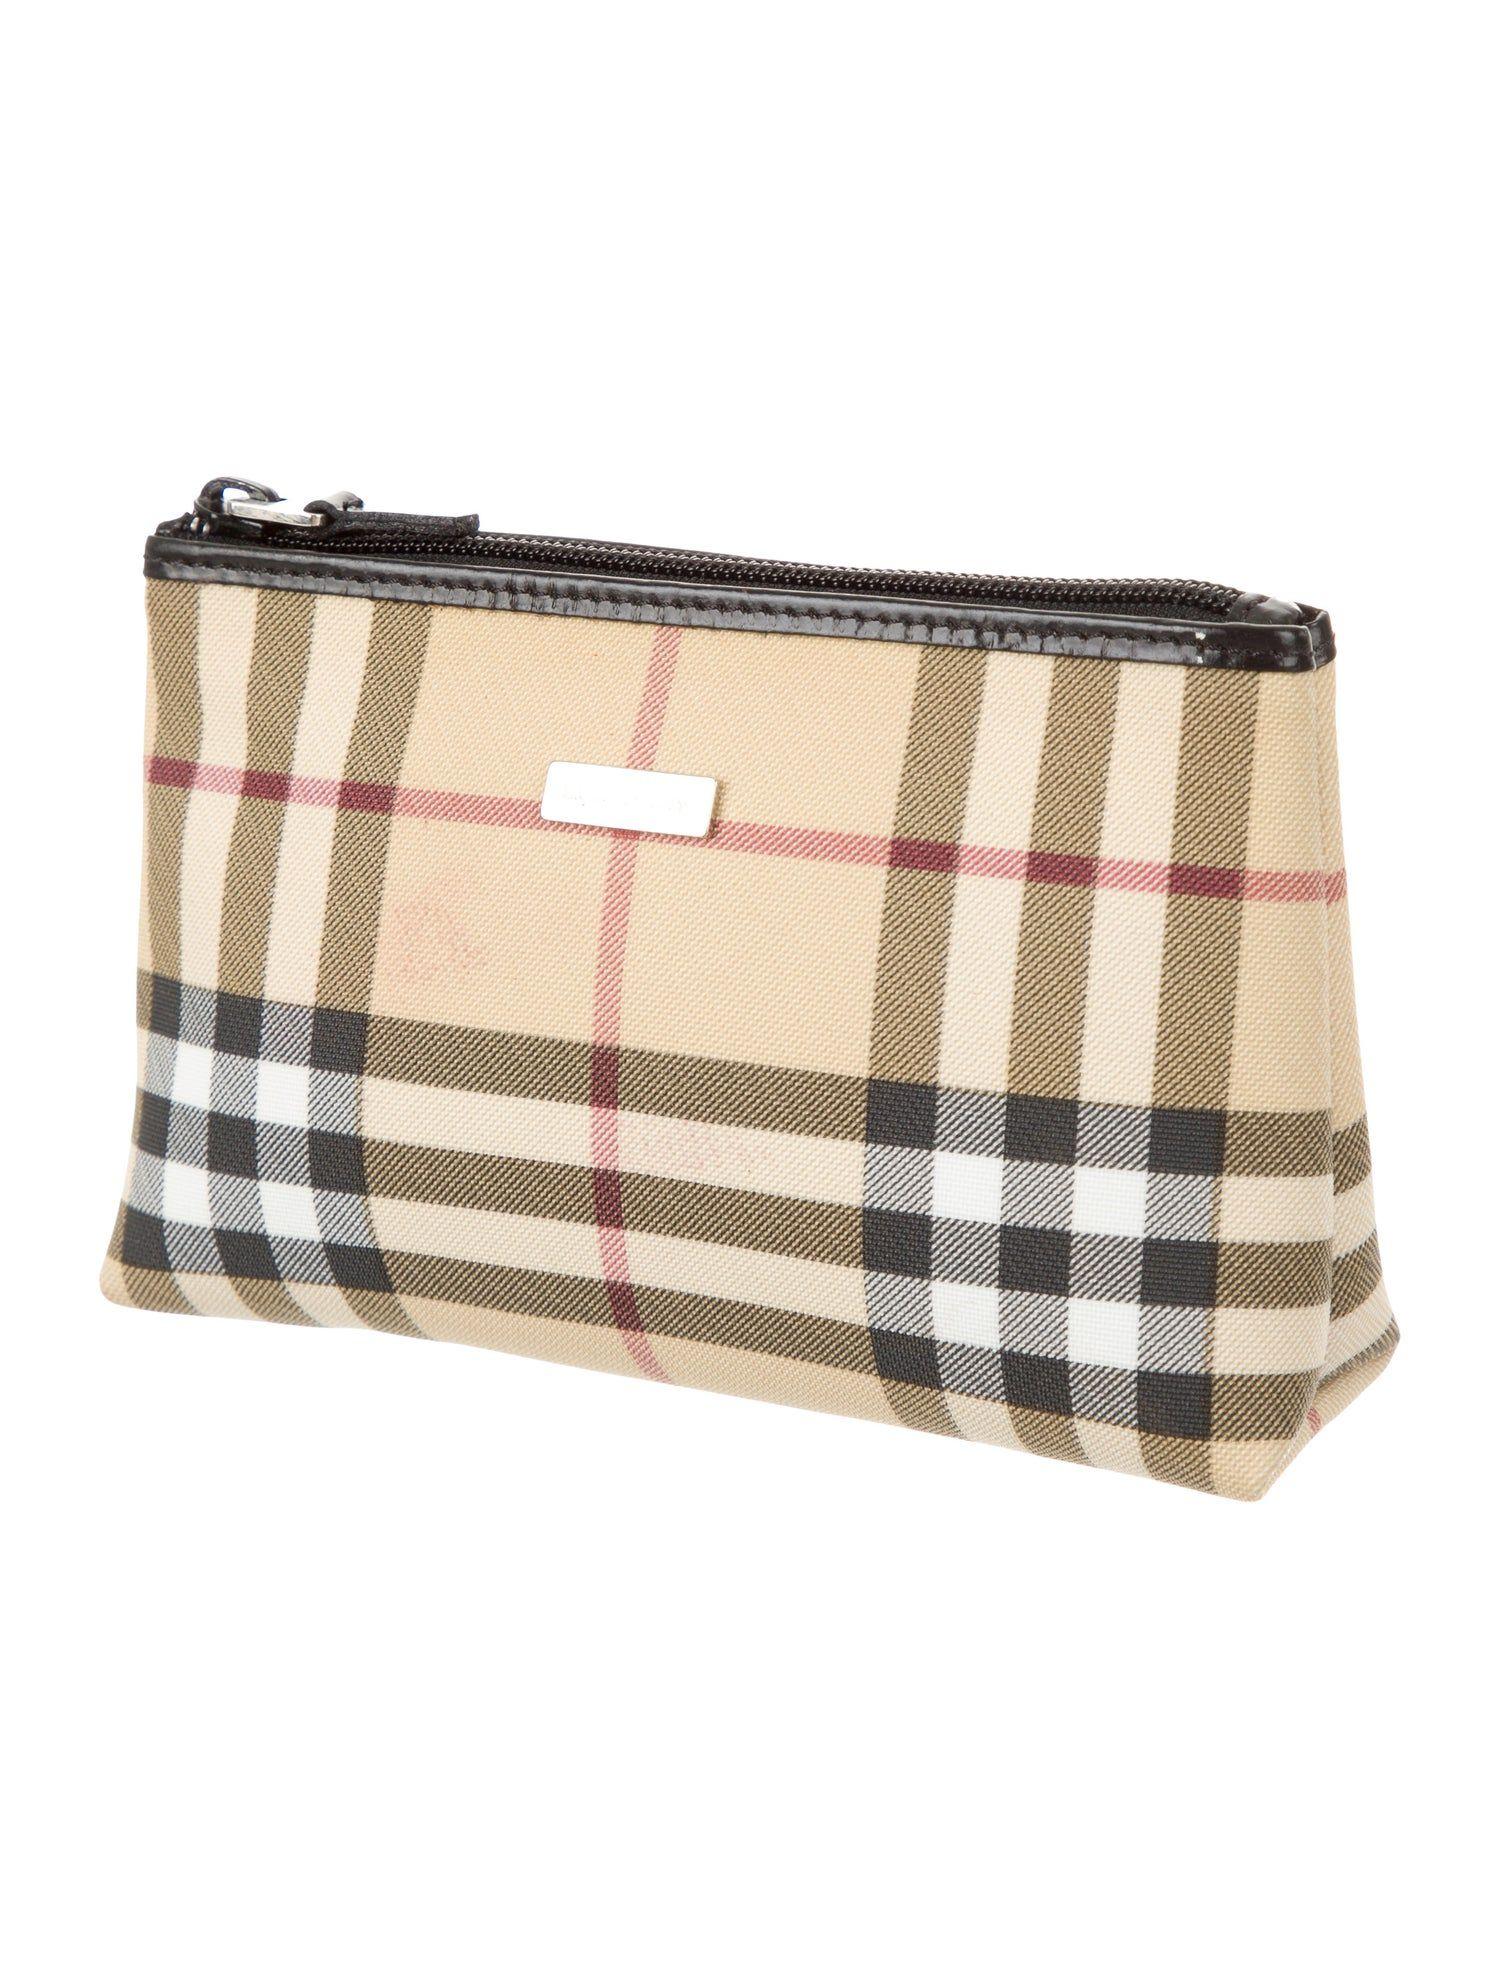 Burberry Nova Check Cosmetic Bag SPONSORED Nova